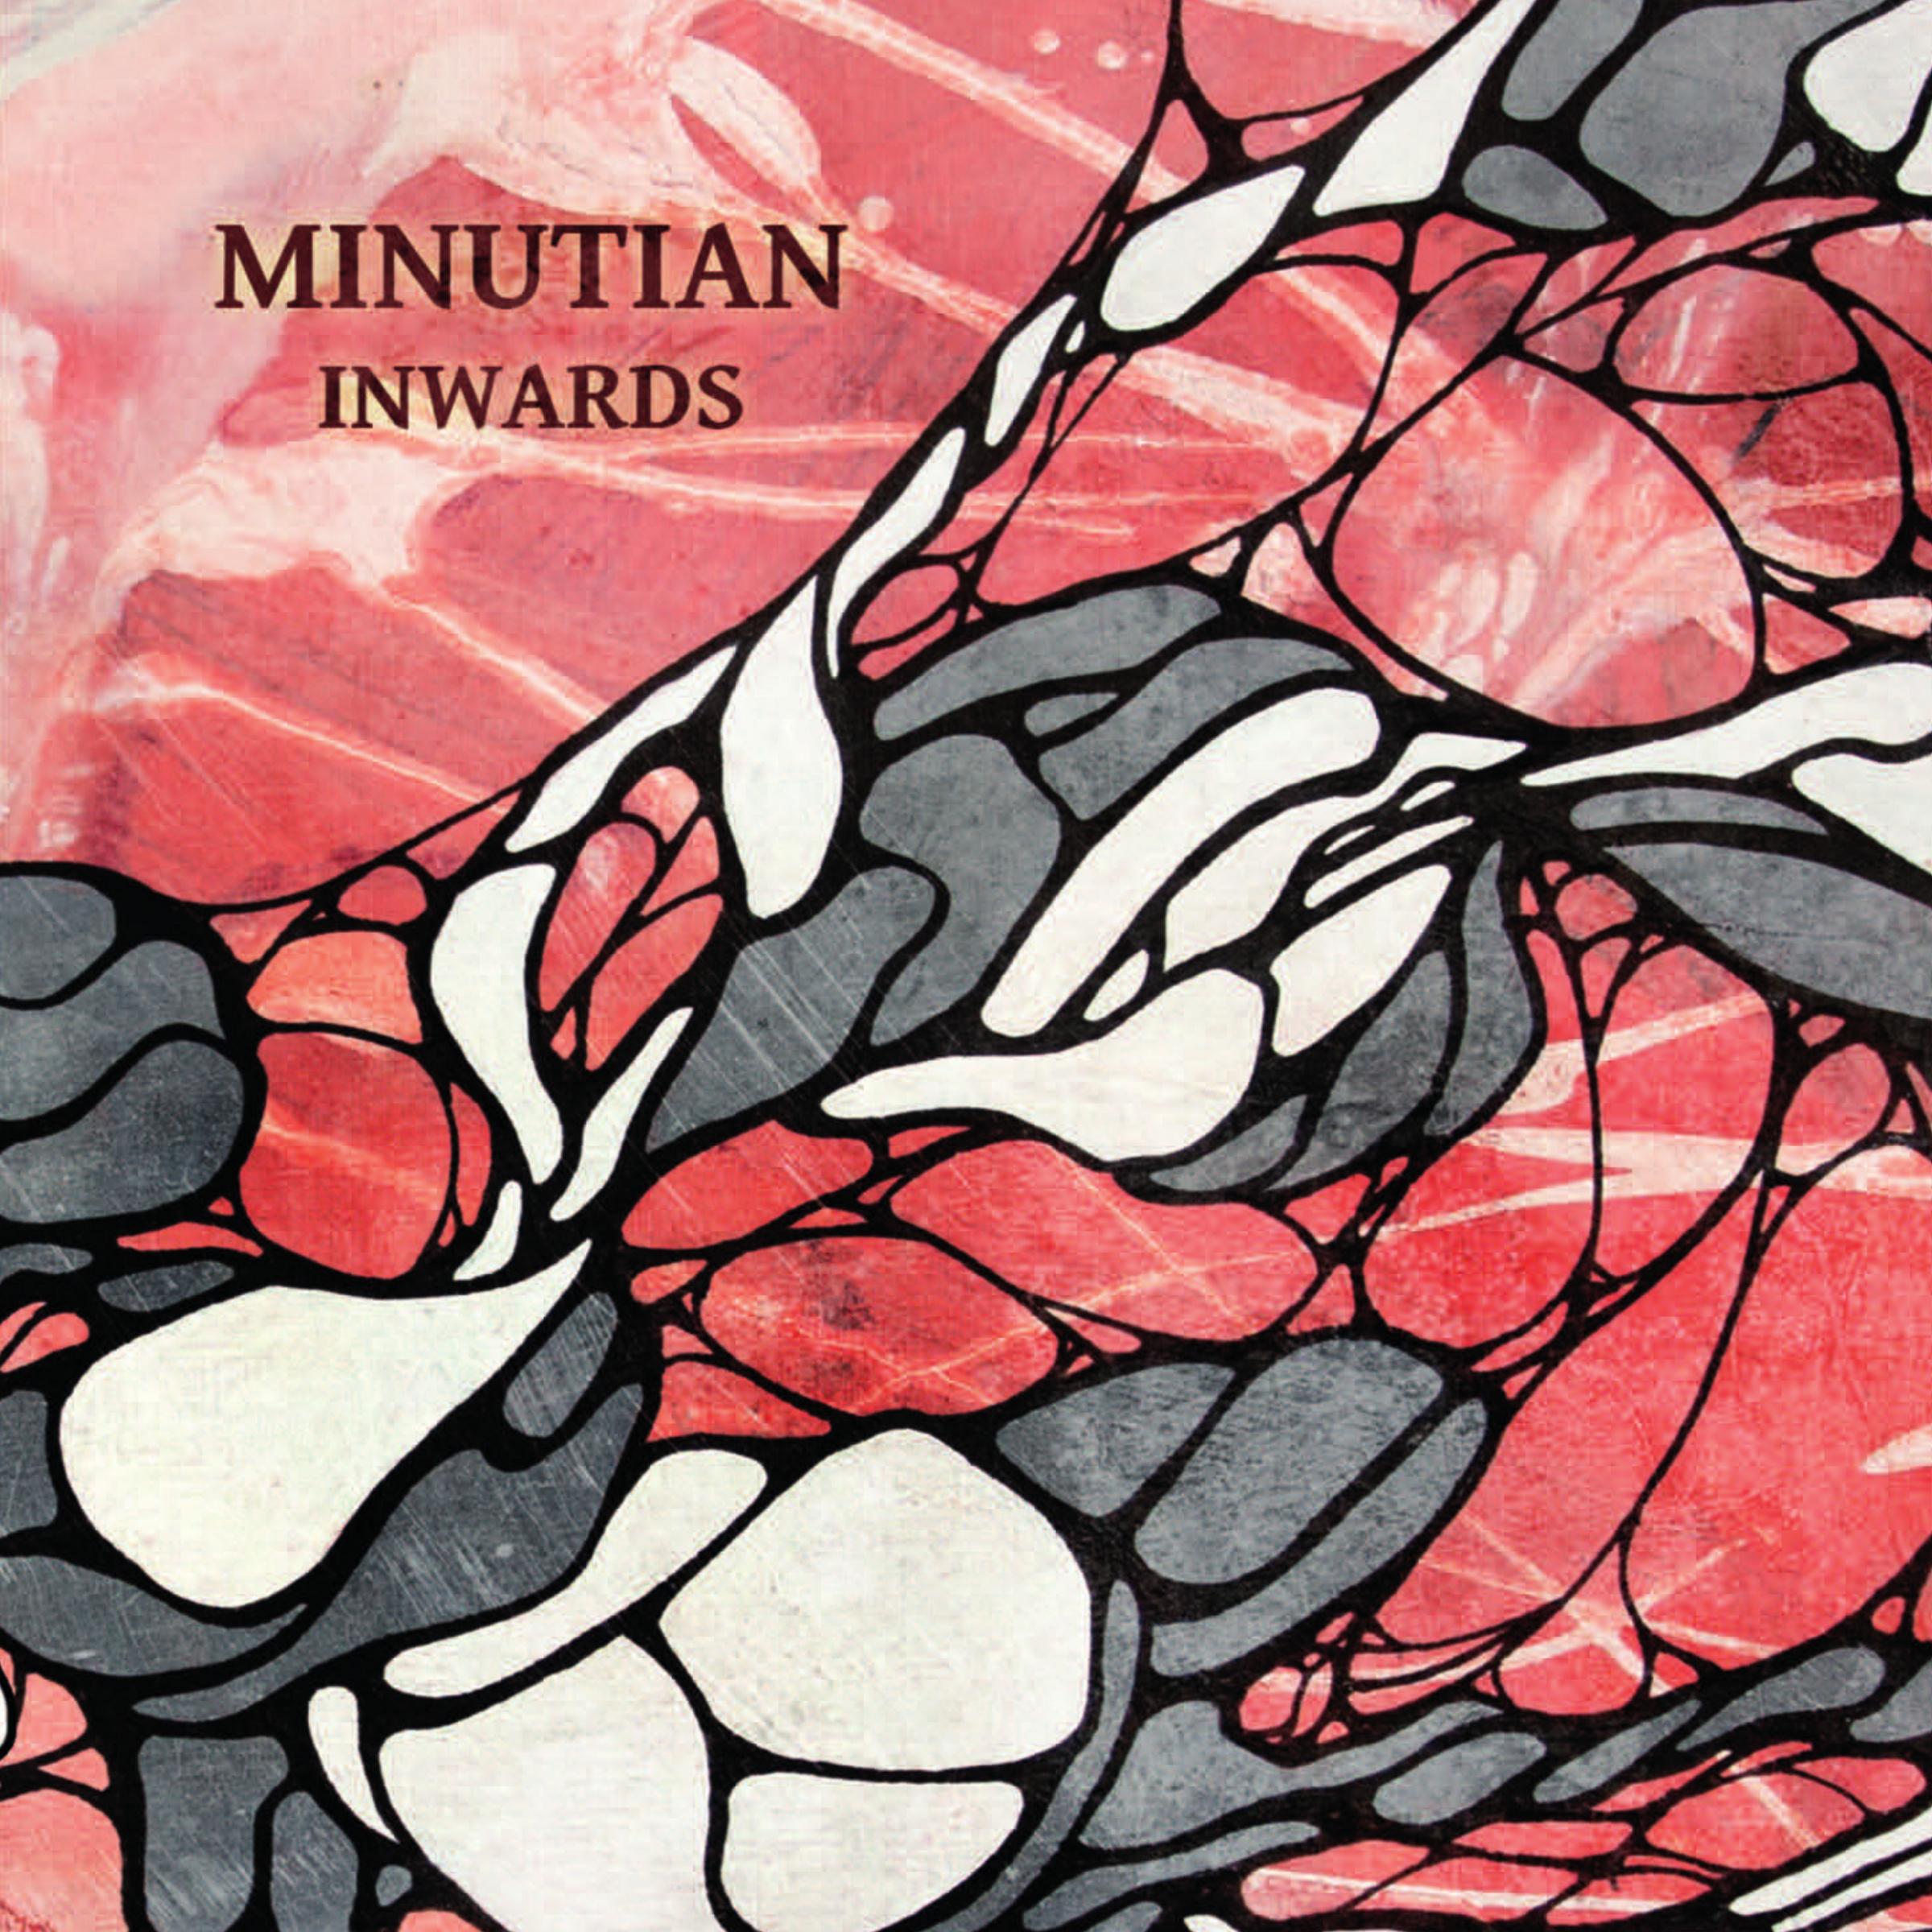 Minutian: Inwards